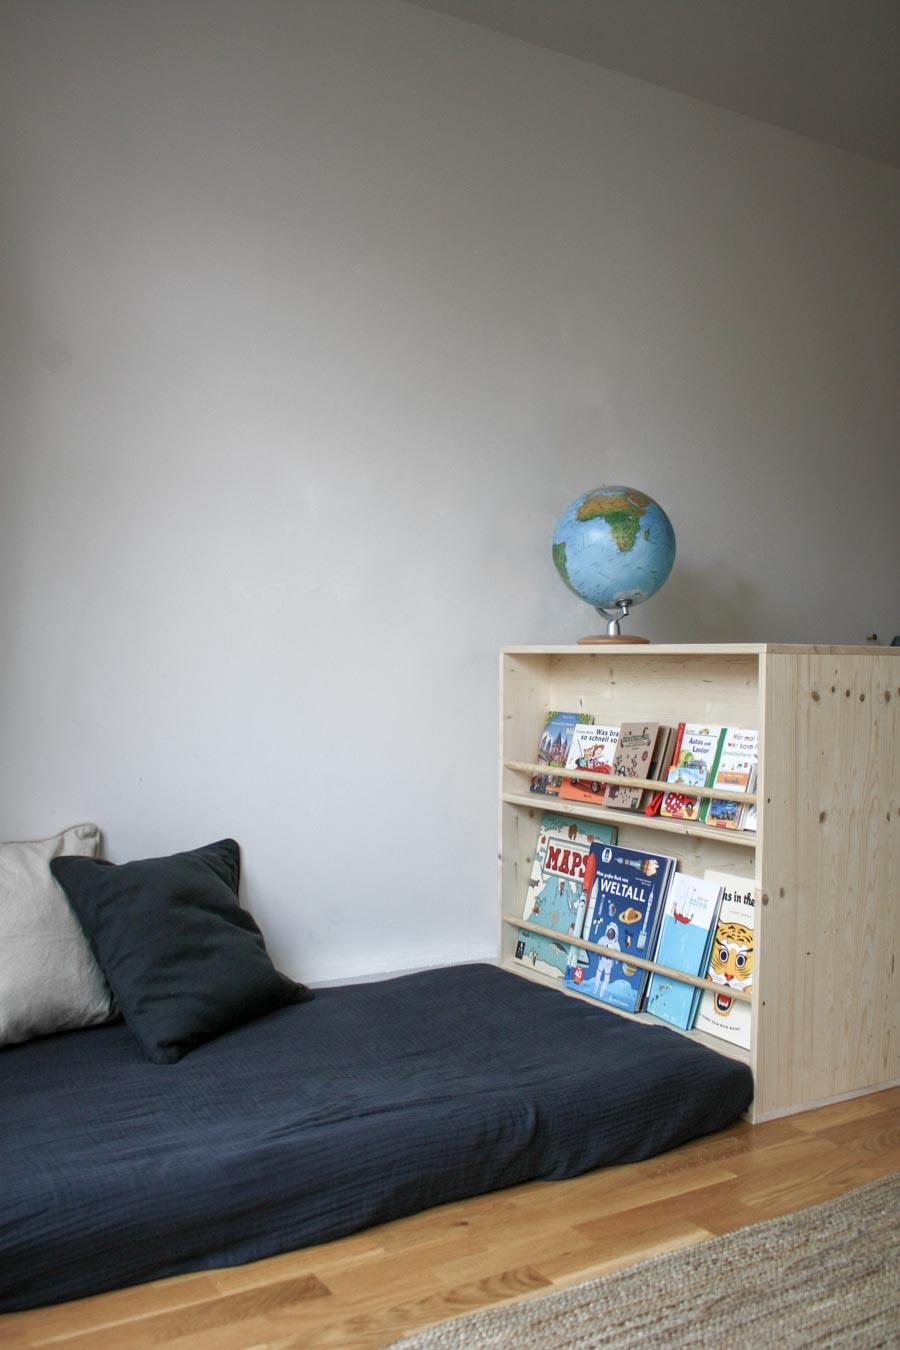 Floorbed und Bücherregal auf Kinderhöhe. DIY Tutorial für frei zugängliche Bücher in einem Kinderzimmer #diy #selbermachen #holz #wenigplatz #diyidee #möbel